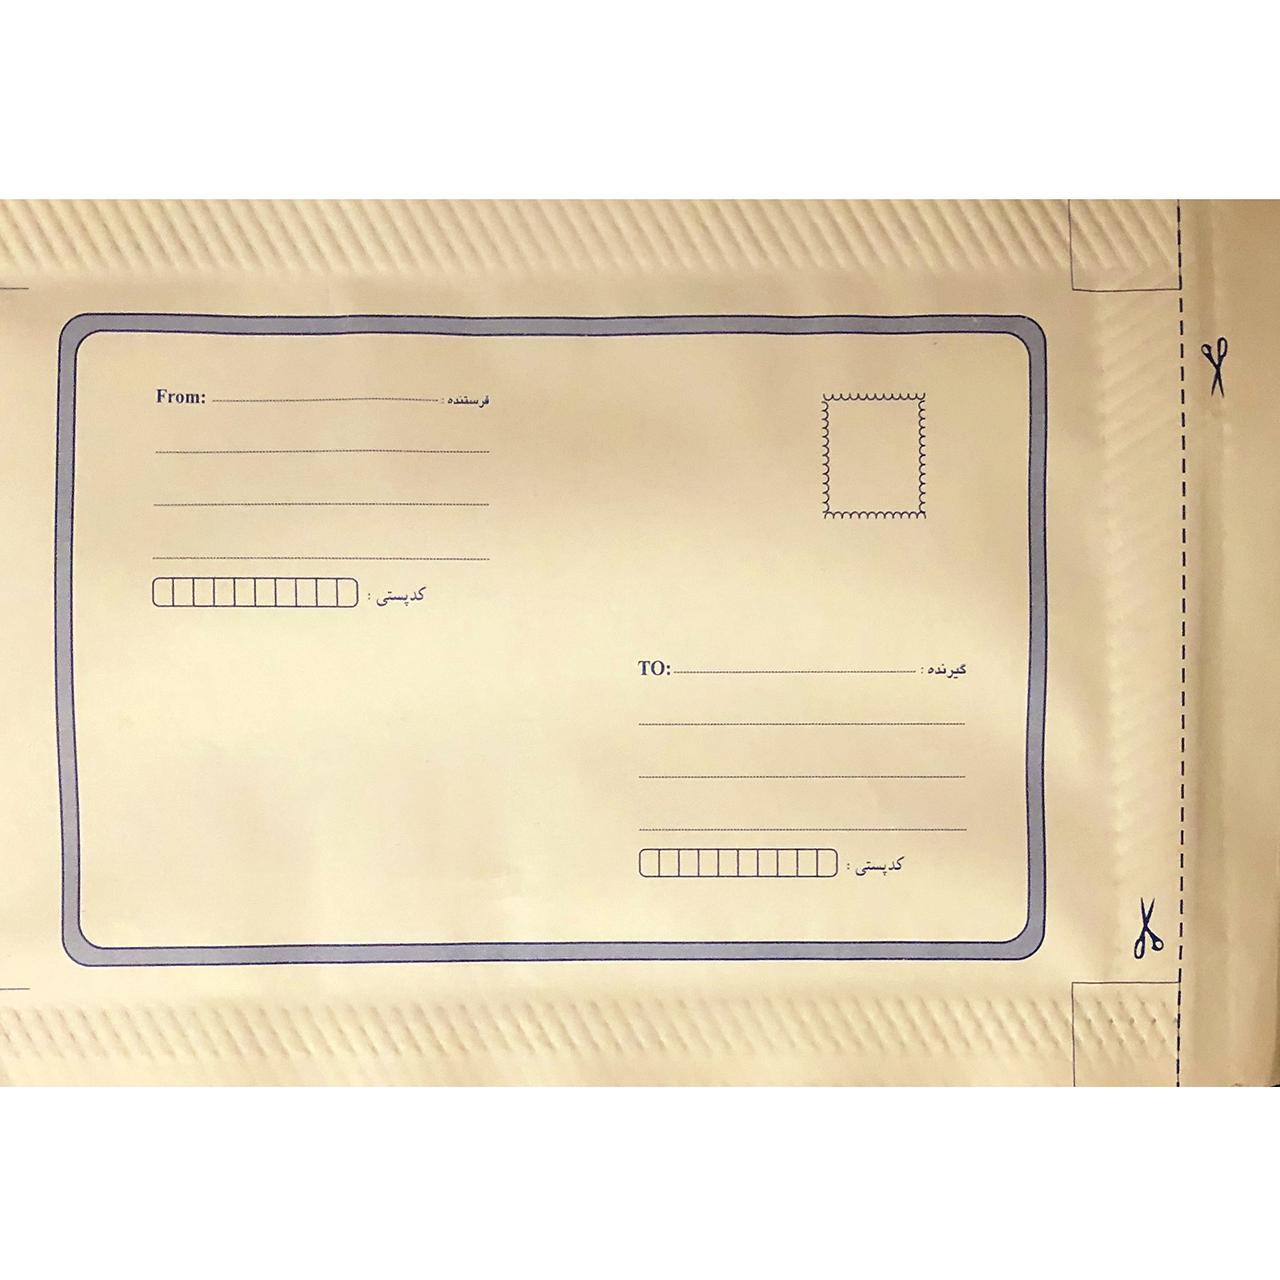 قیمت خرید پاکت نامه پستی مدل حبابدار سایز A5 بسته 10 عددی اورجینال